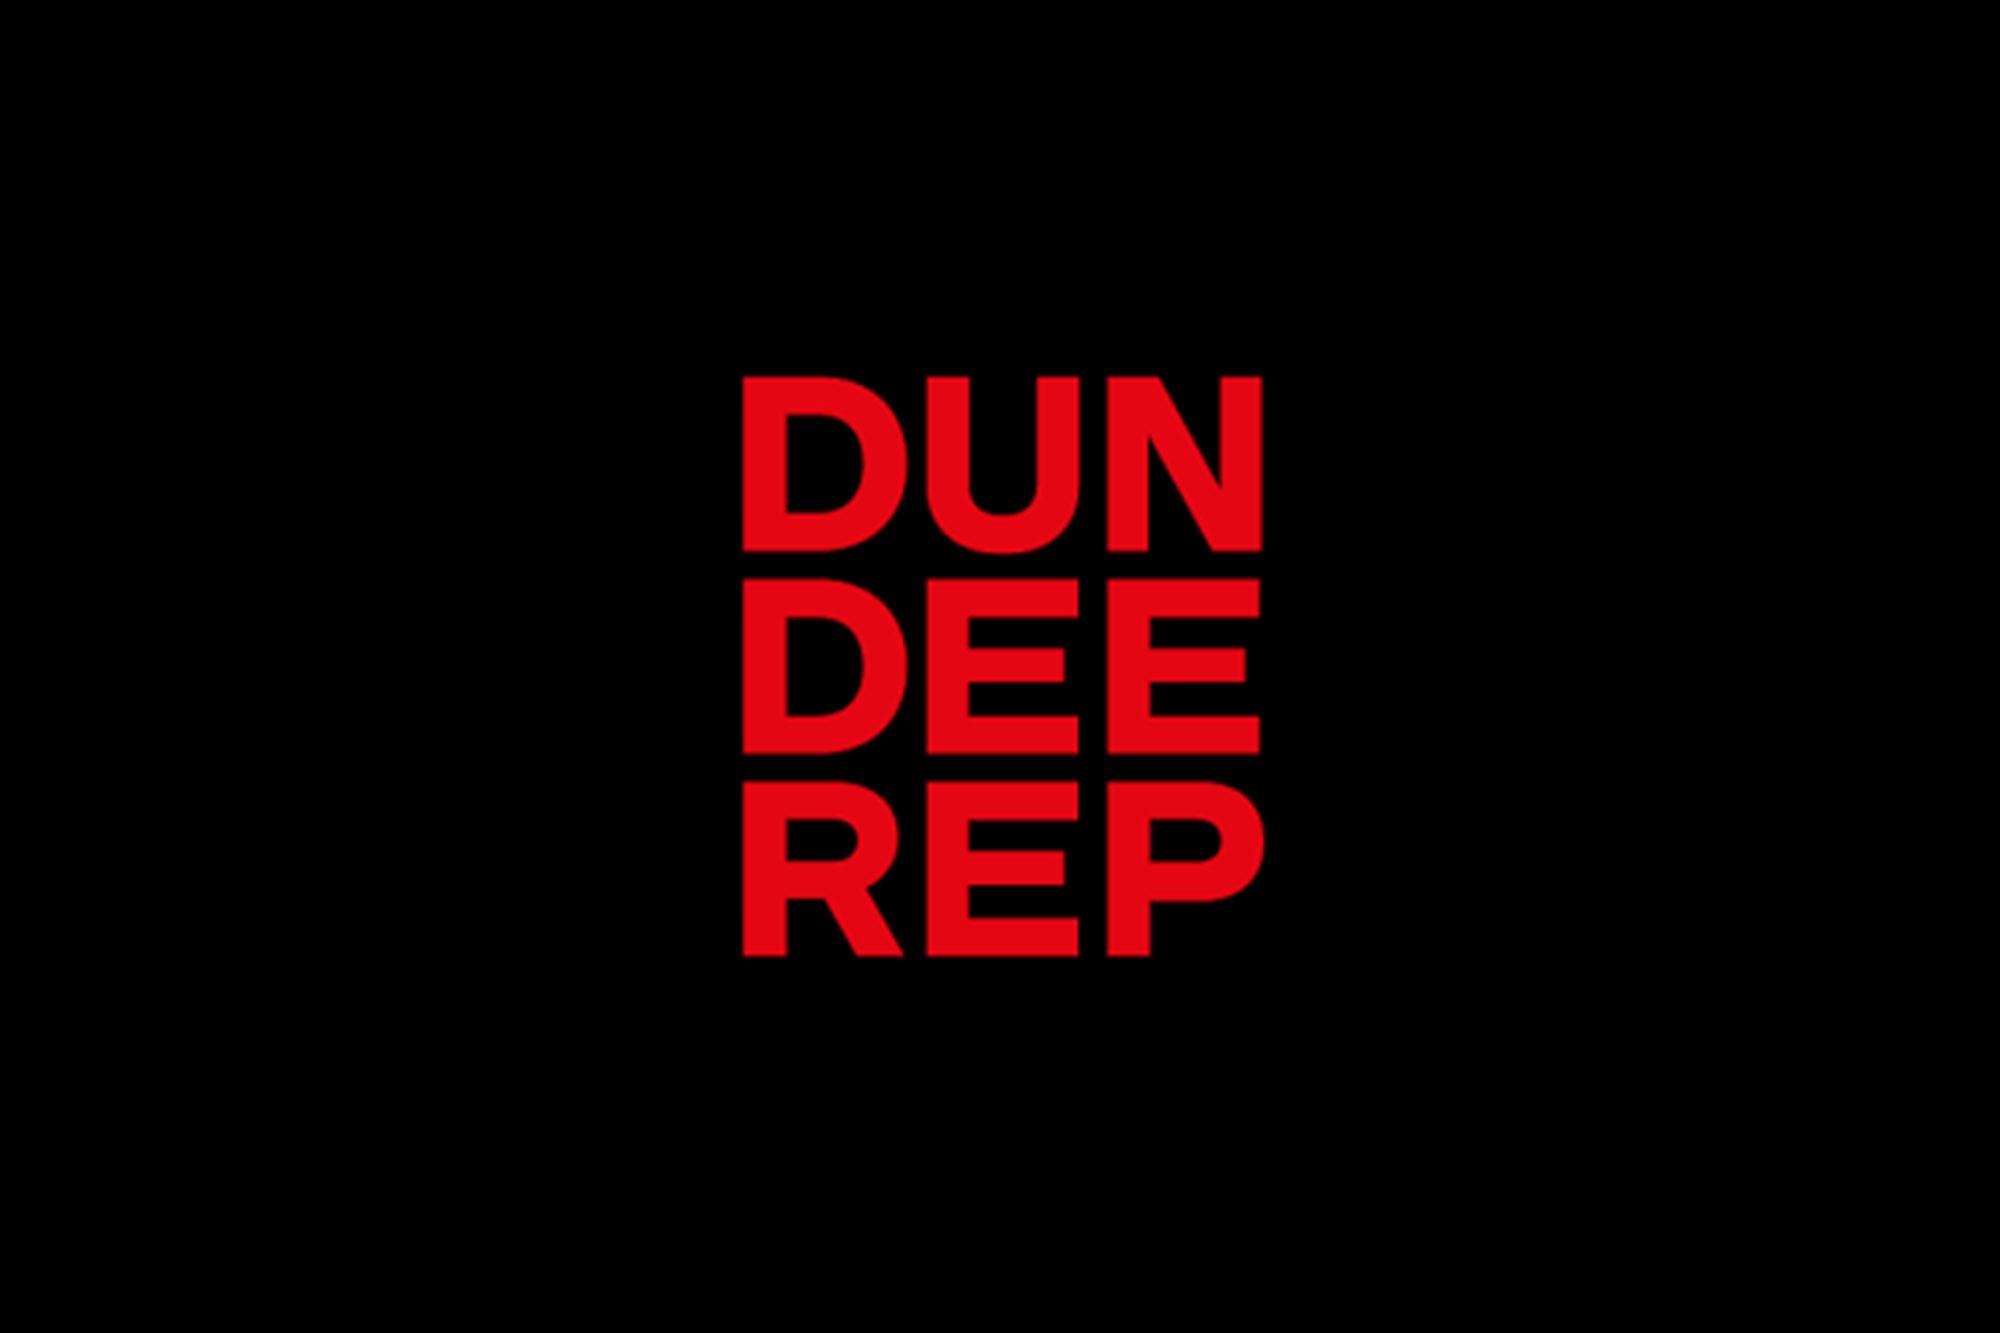 Dundee Rep logo